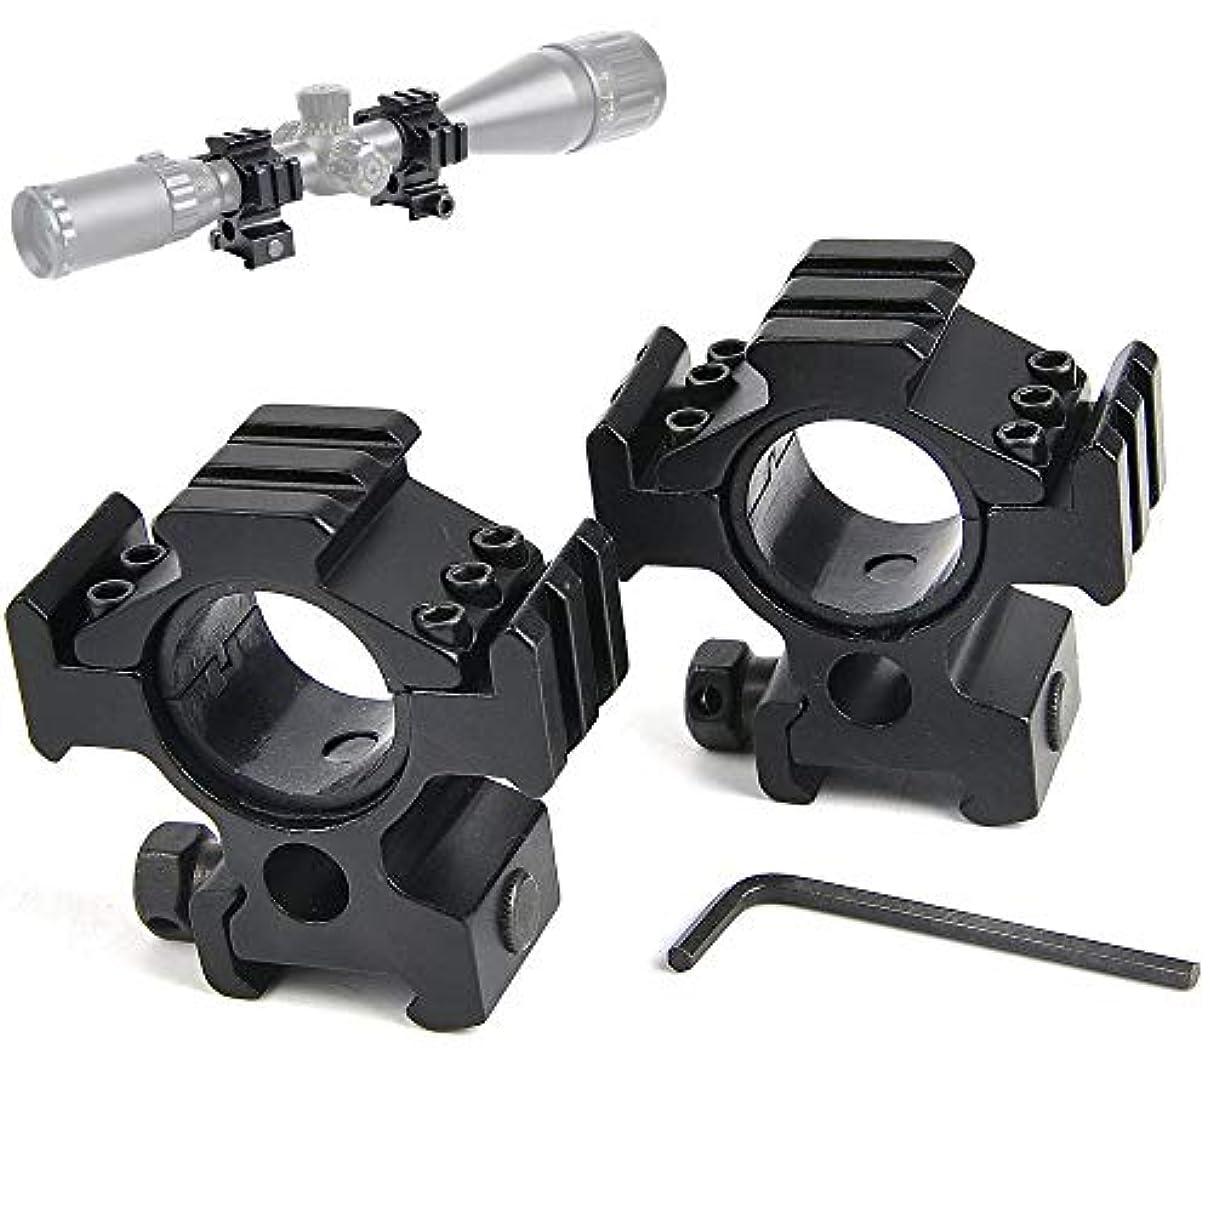 日没護衛逸脱UniqueFire 3面 フラットトップスコープ25.4㎜/ 30mmデュアルリングスコープマウント20mm対応ピカチニーウィーバーレールマウントベース 2個入り